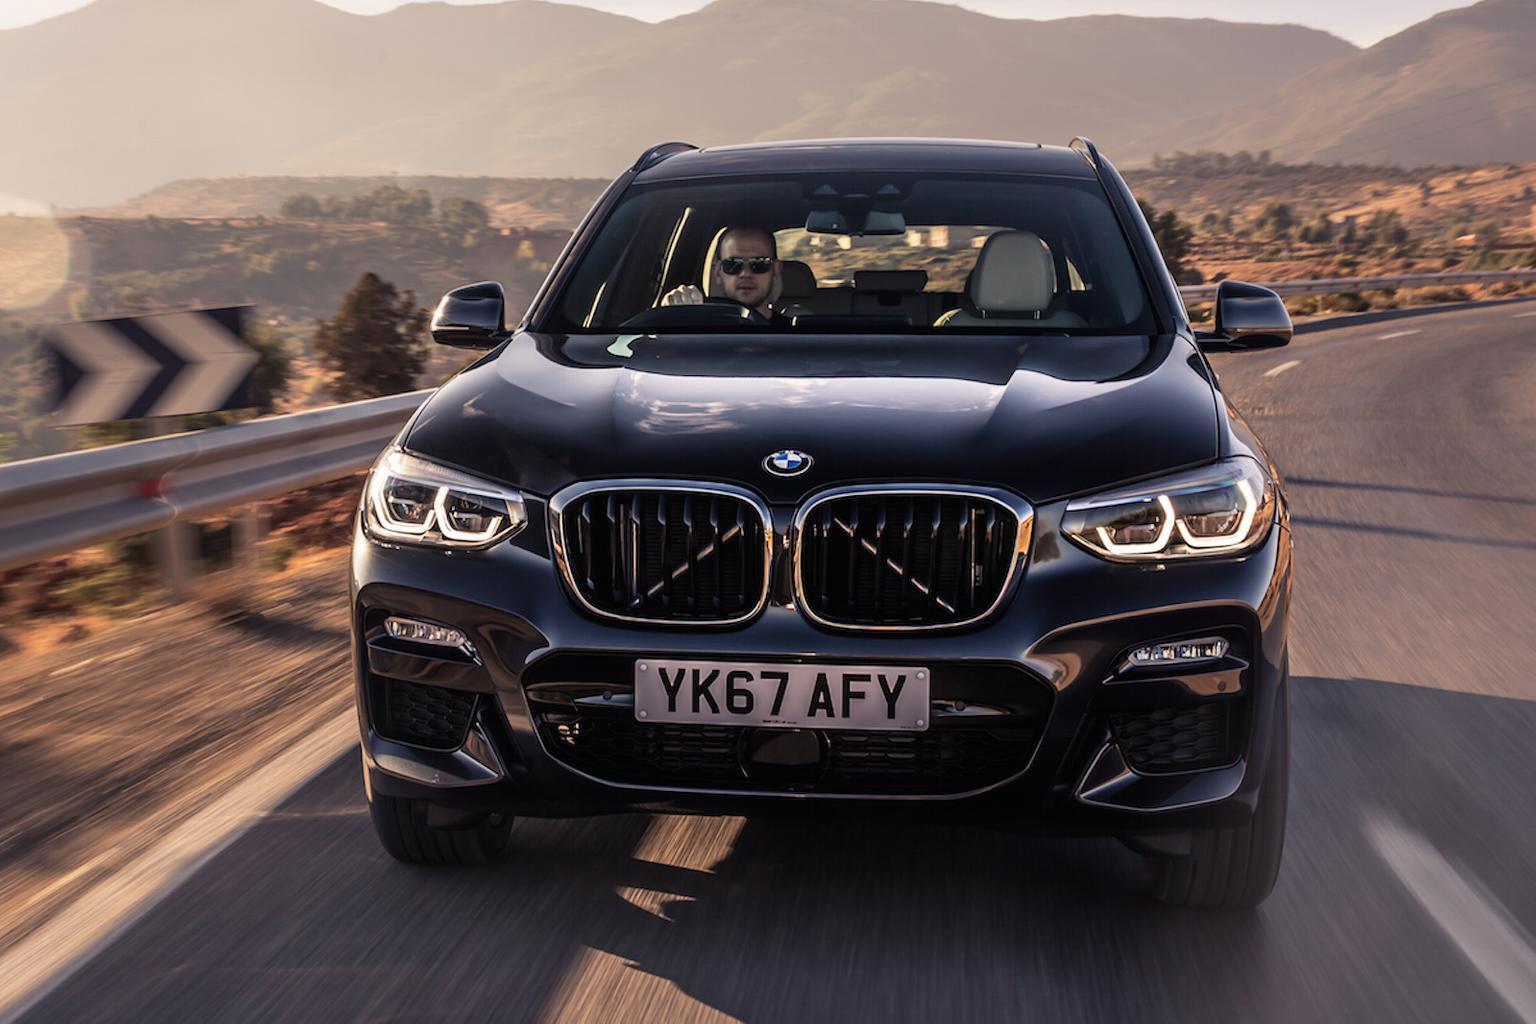 2017 BMW X3 xDrive30d review - verdict